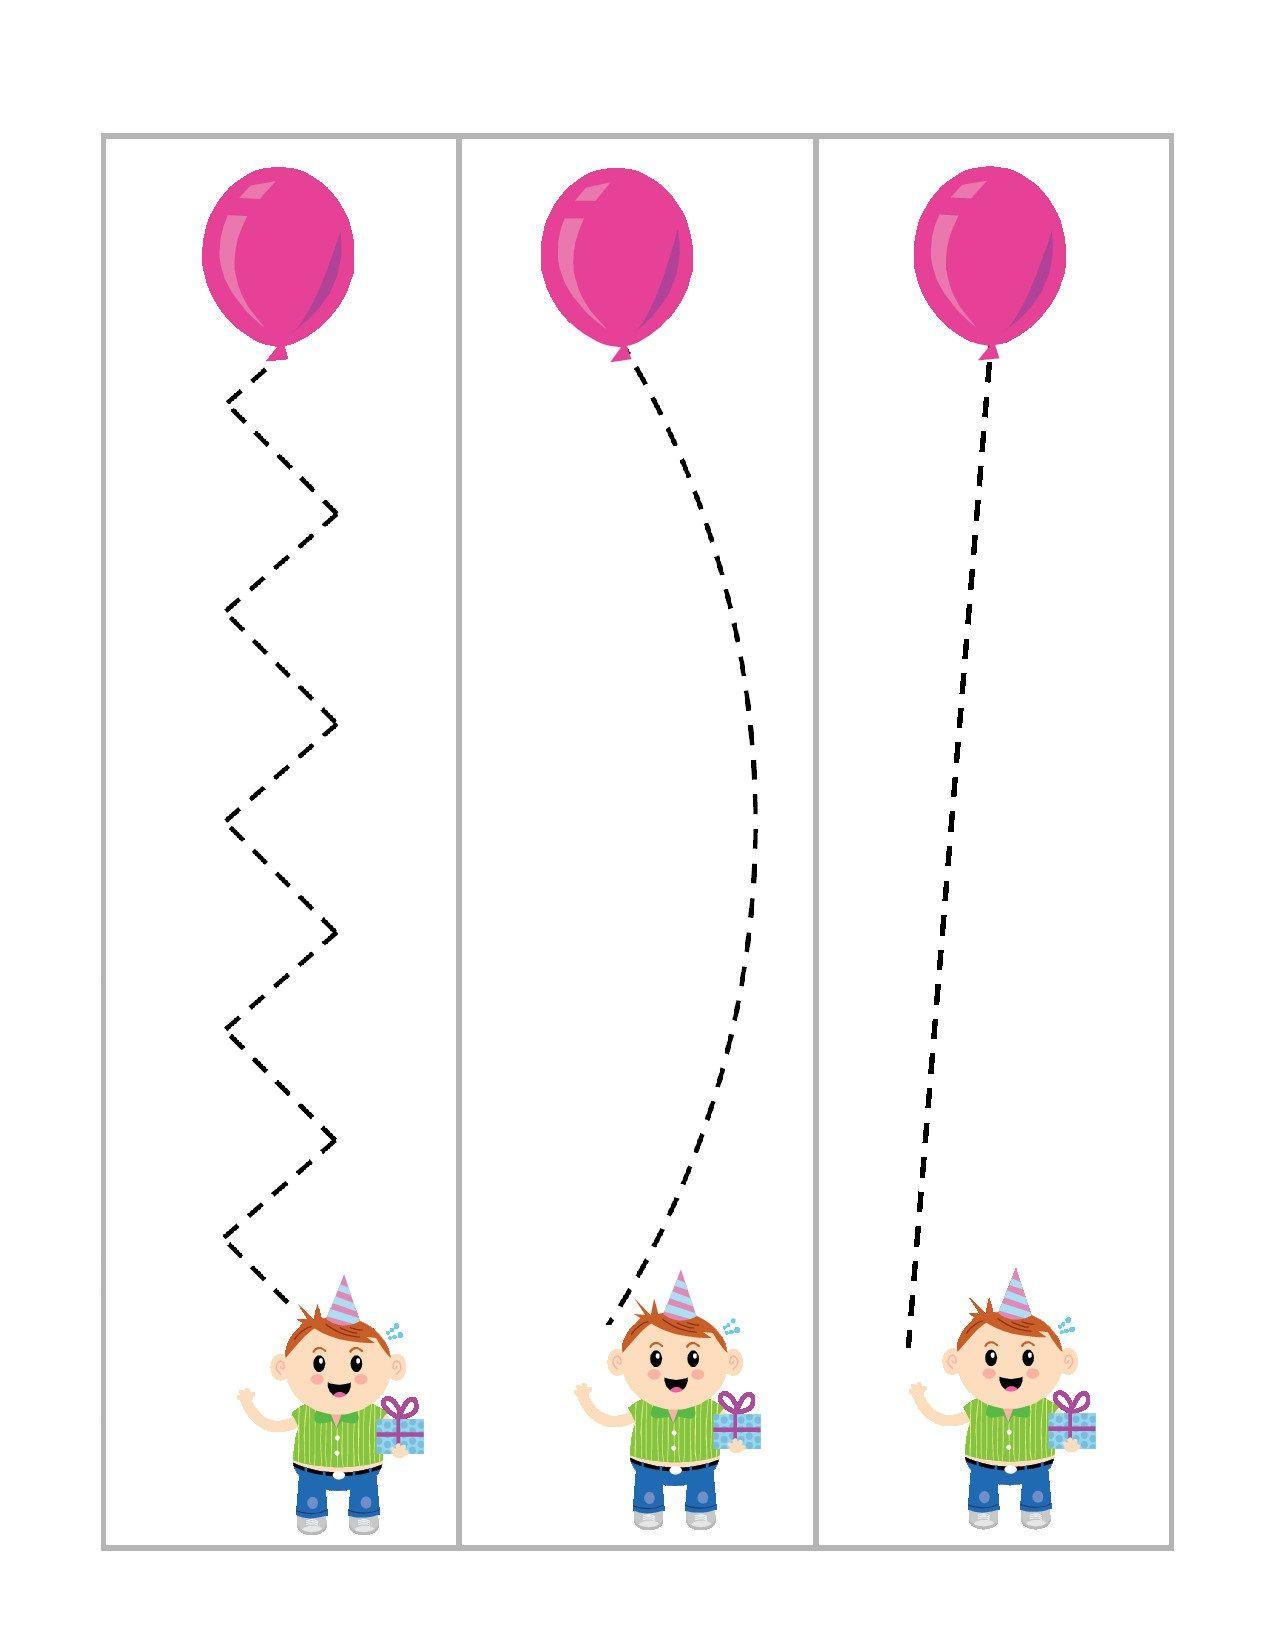 Vbs Ballonnen 1 3